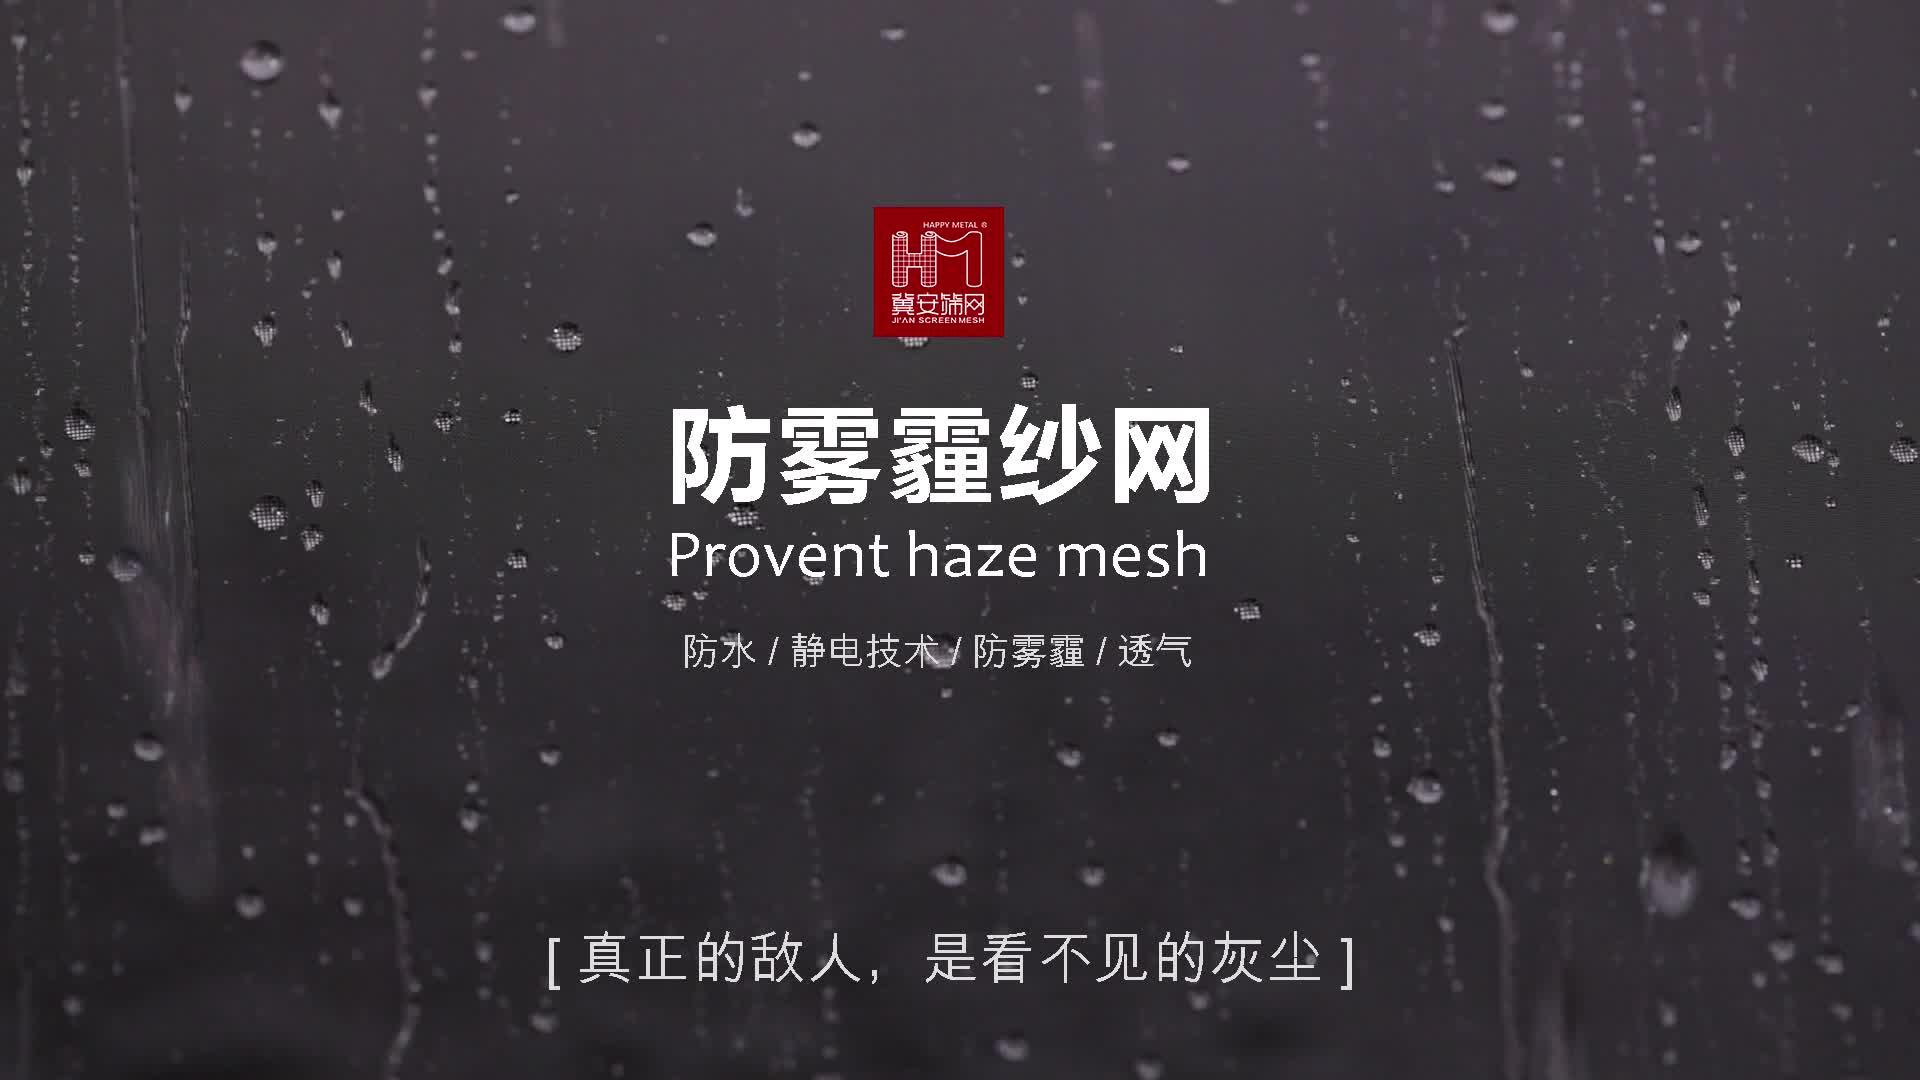 防粉尘防雾霾纱窗网 防PM2.5雾霾纱网 加密防水纳米防雾霾窗纱